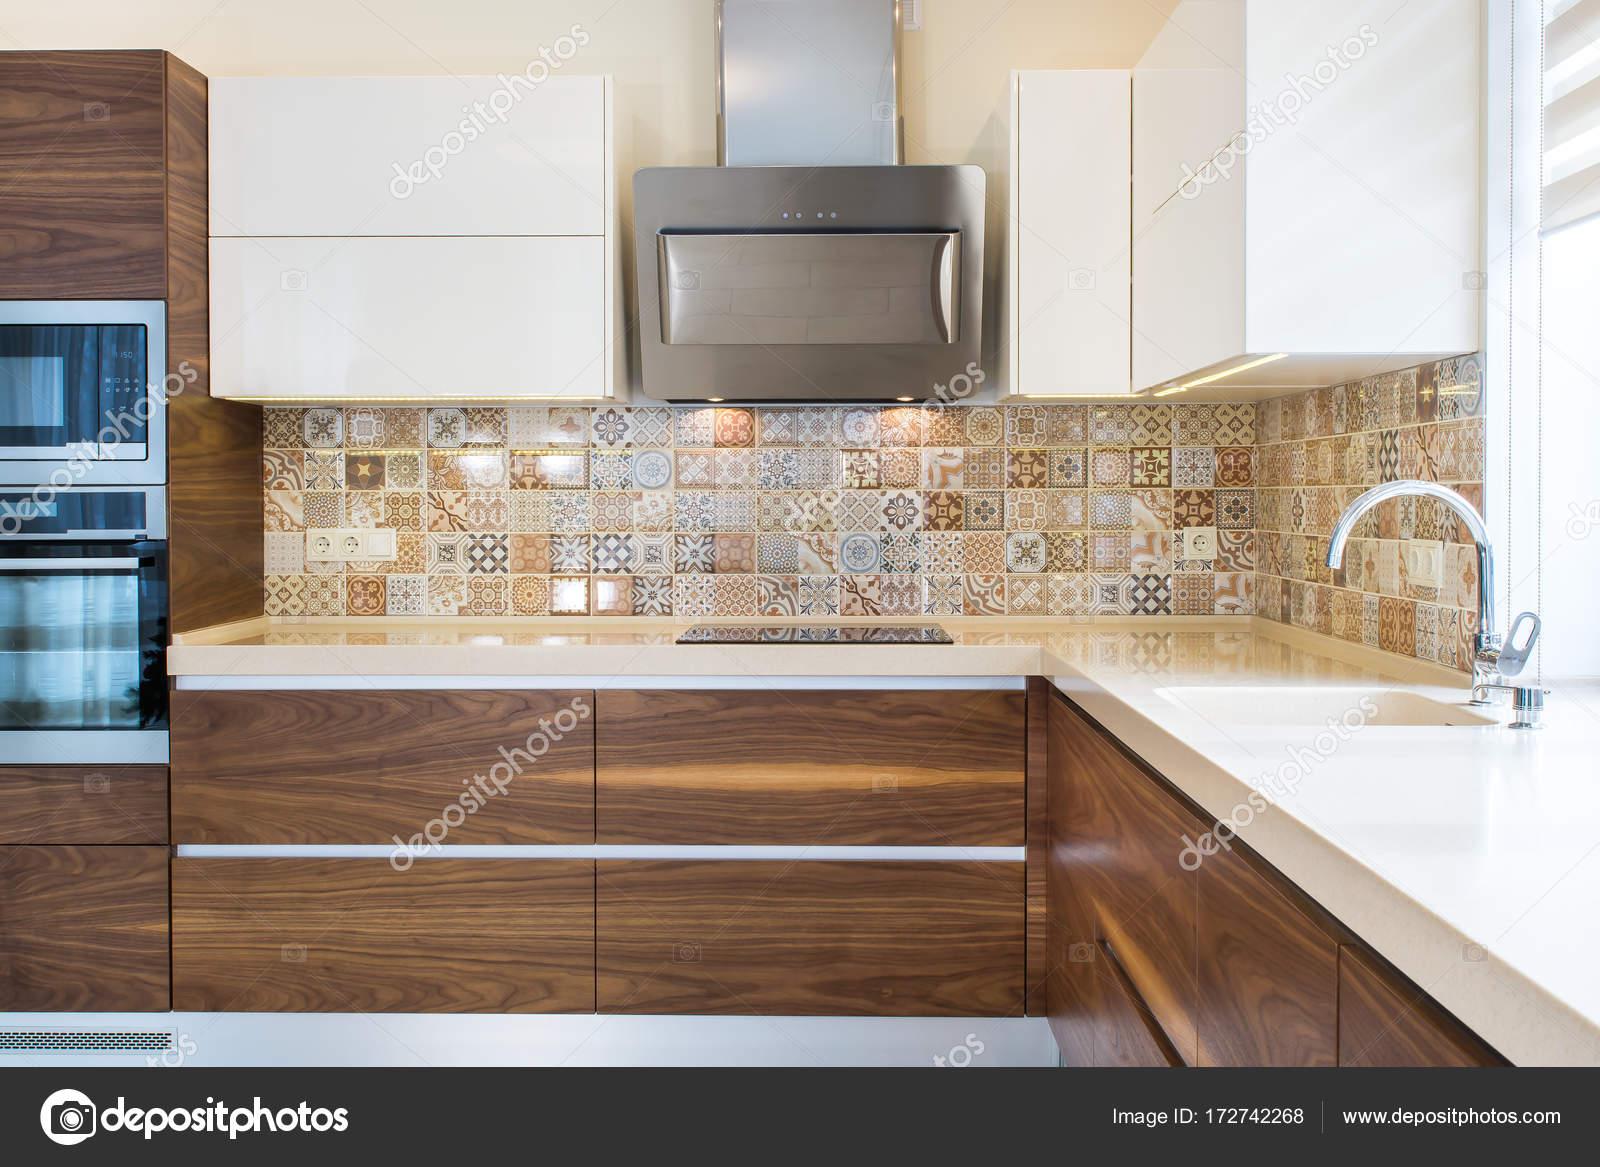 Interni Moderni Di Case : Interno di casa moderna design moderno della cucina in un interno